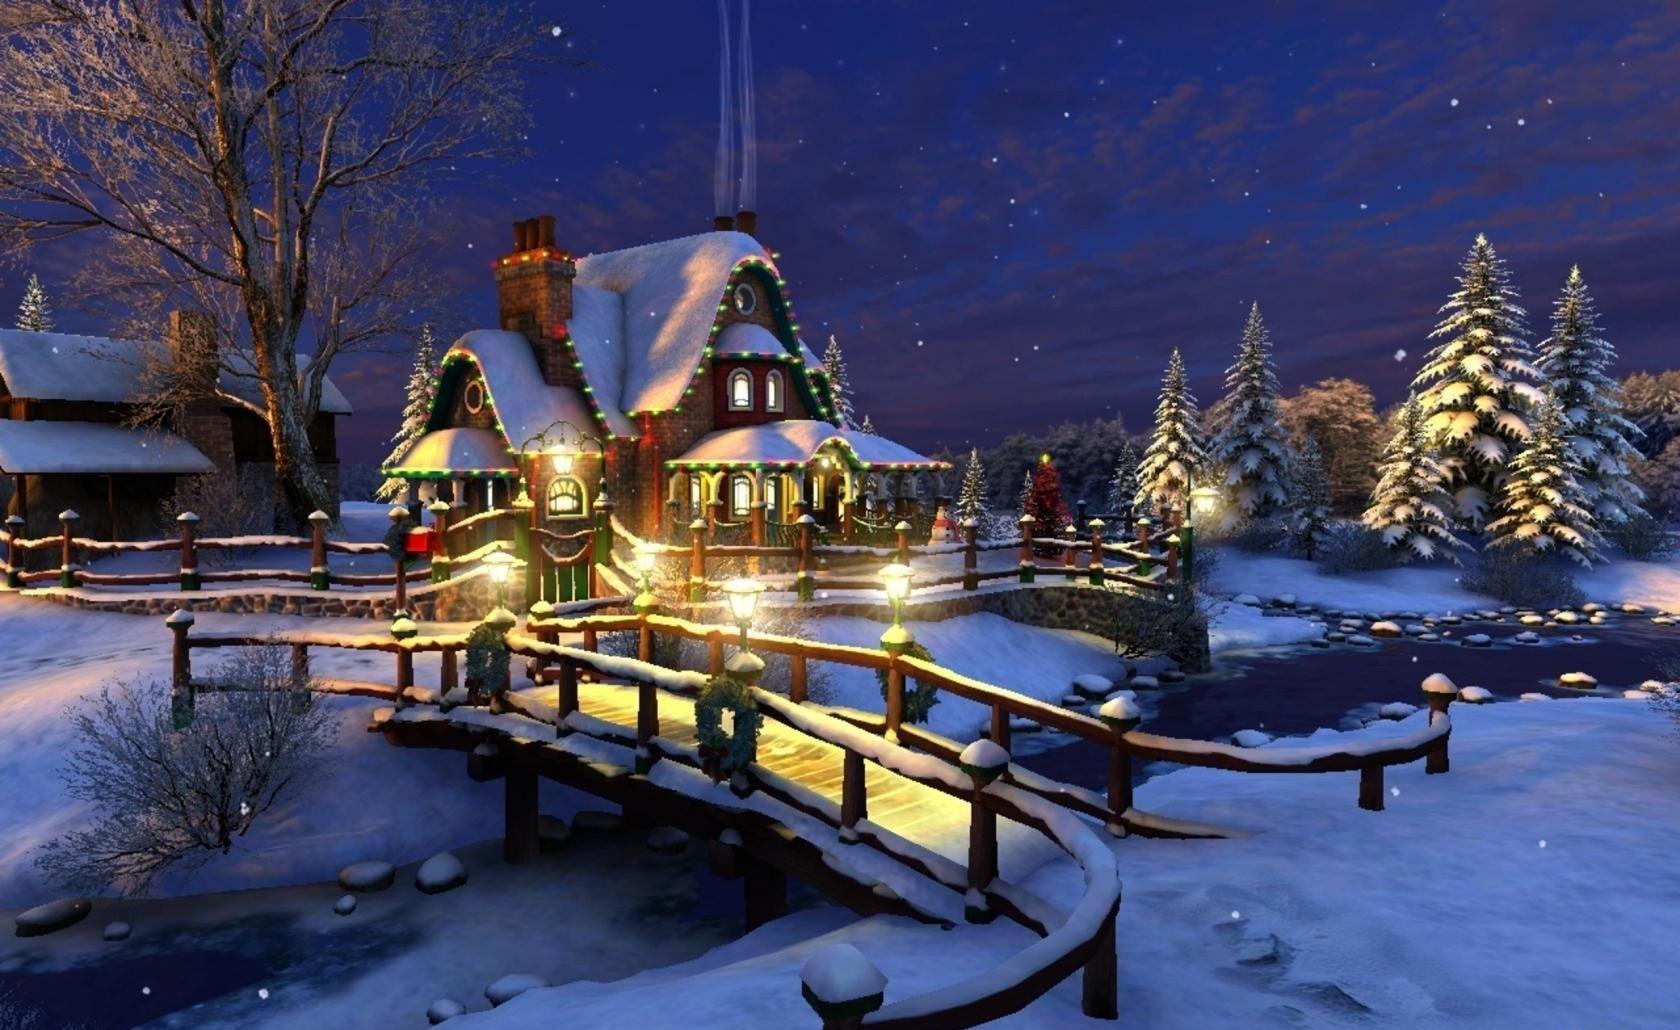 96713 скачать обои Праздники, Дом, Ночь, Снег, Река, Мост, Елки - заставки и картинки бесплатно